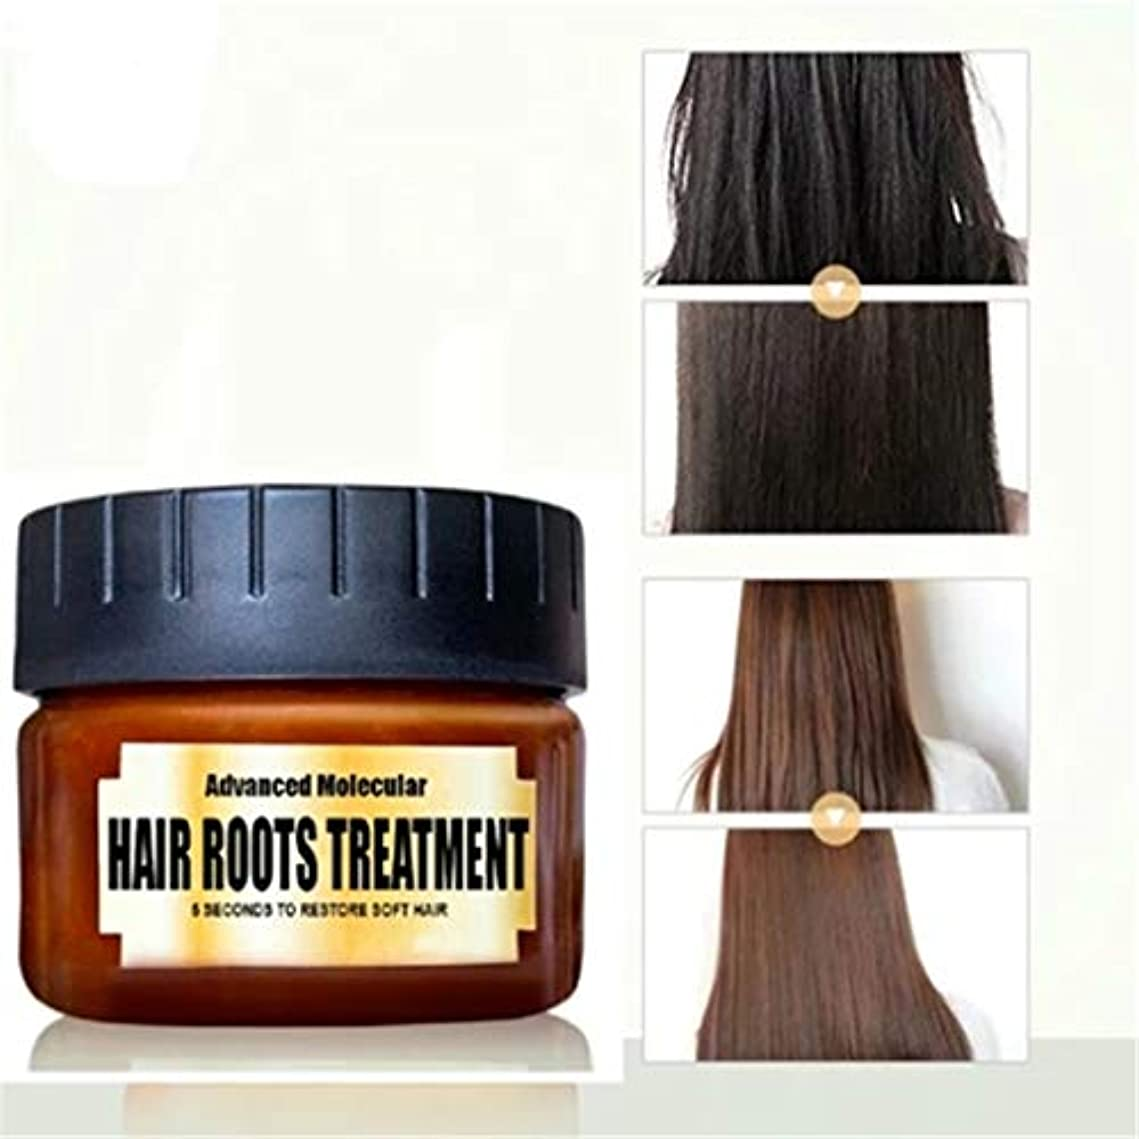 キャンプ入植者費やすコンディショナー ヘアケアコンディショナー ヘアデトキシファイングヘアマスク 高度な分子 毛根治療の回復 乾燥または損傷した髪と頭皮の治療のための髪の滑らかなしなやか (B 60 ml)